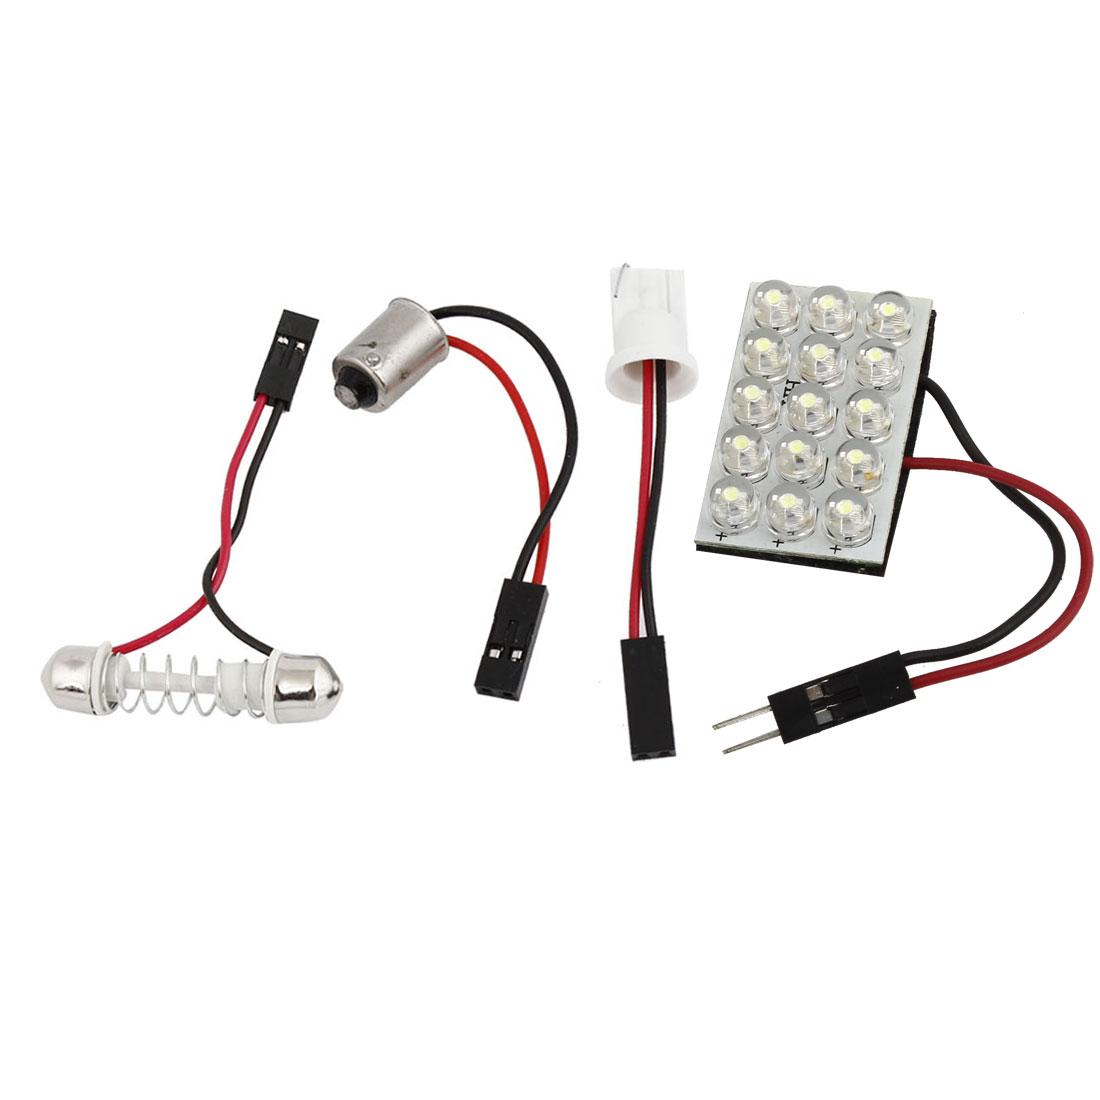 BA9S Festoon T10 Adaper White 15 LED Car Internal Dome LED Roof Light Bulb 12V